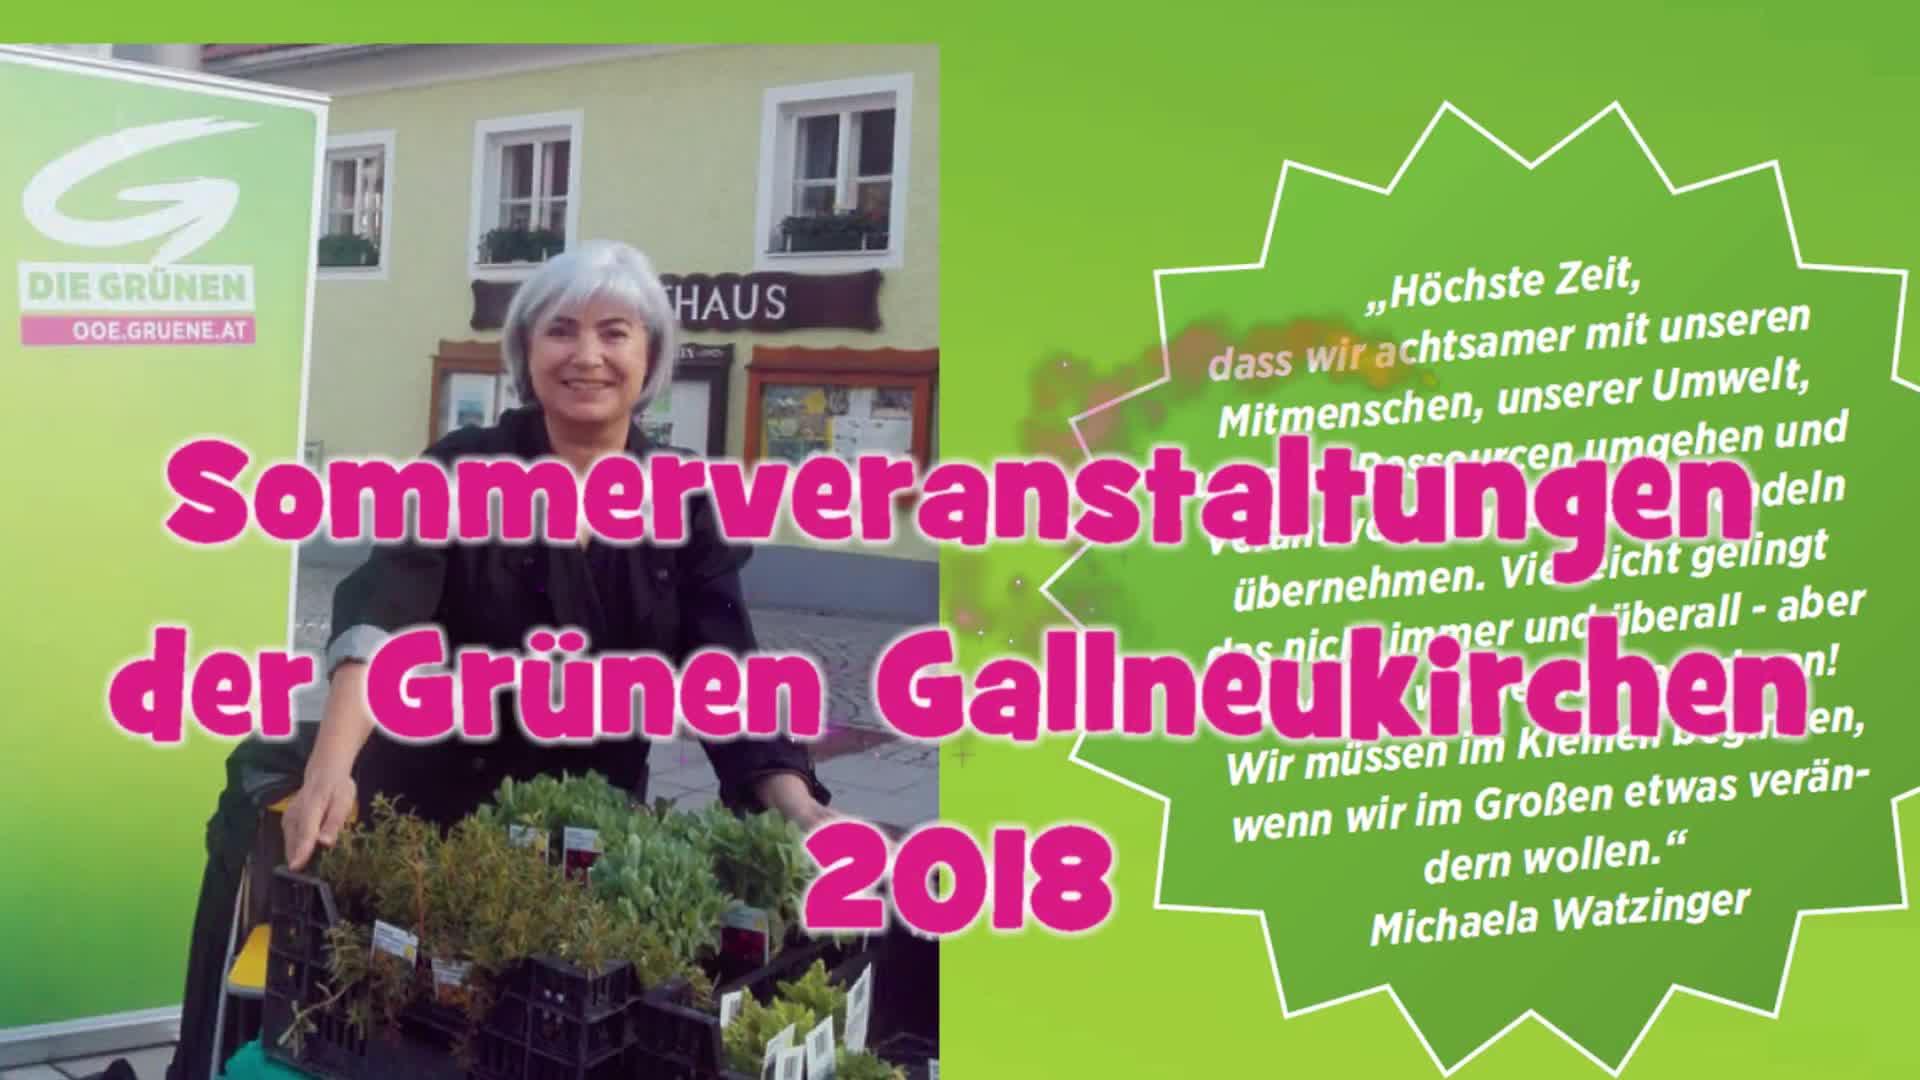 Sommerveranstaltungen der Grünen Gallneukirchen 2018